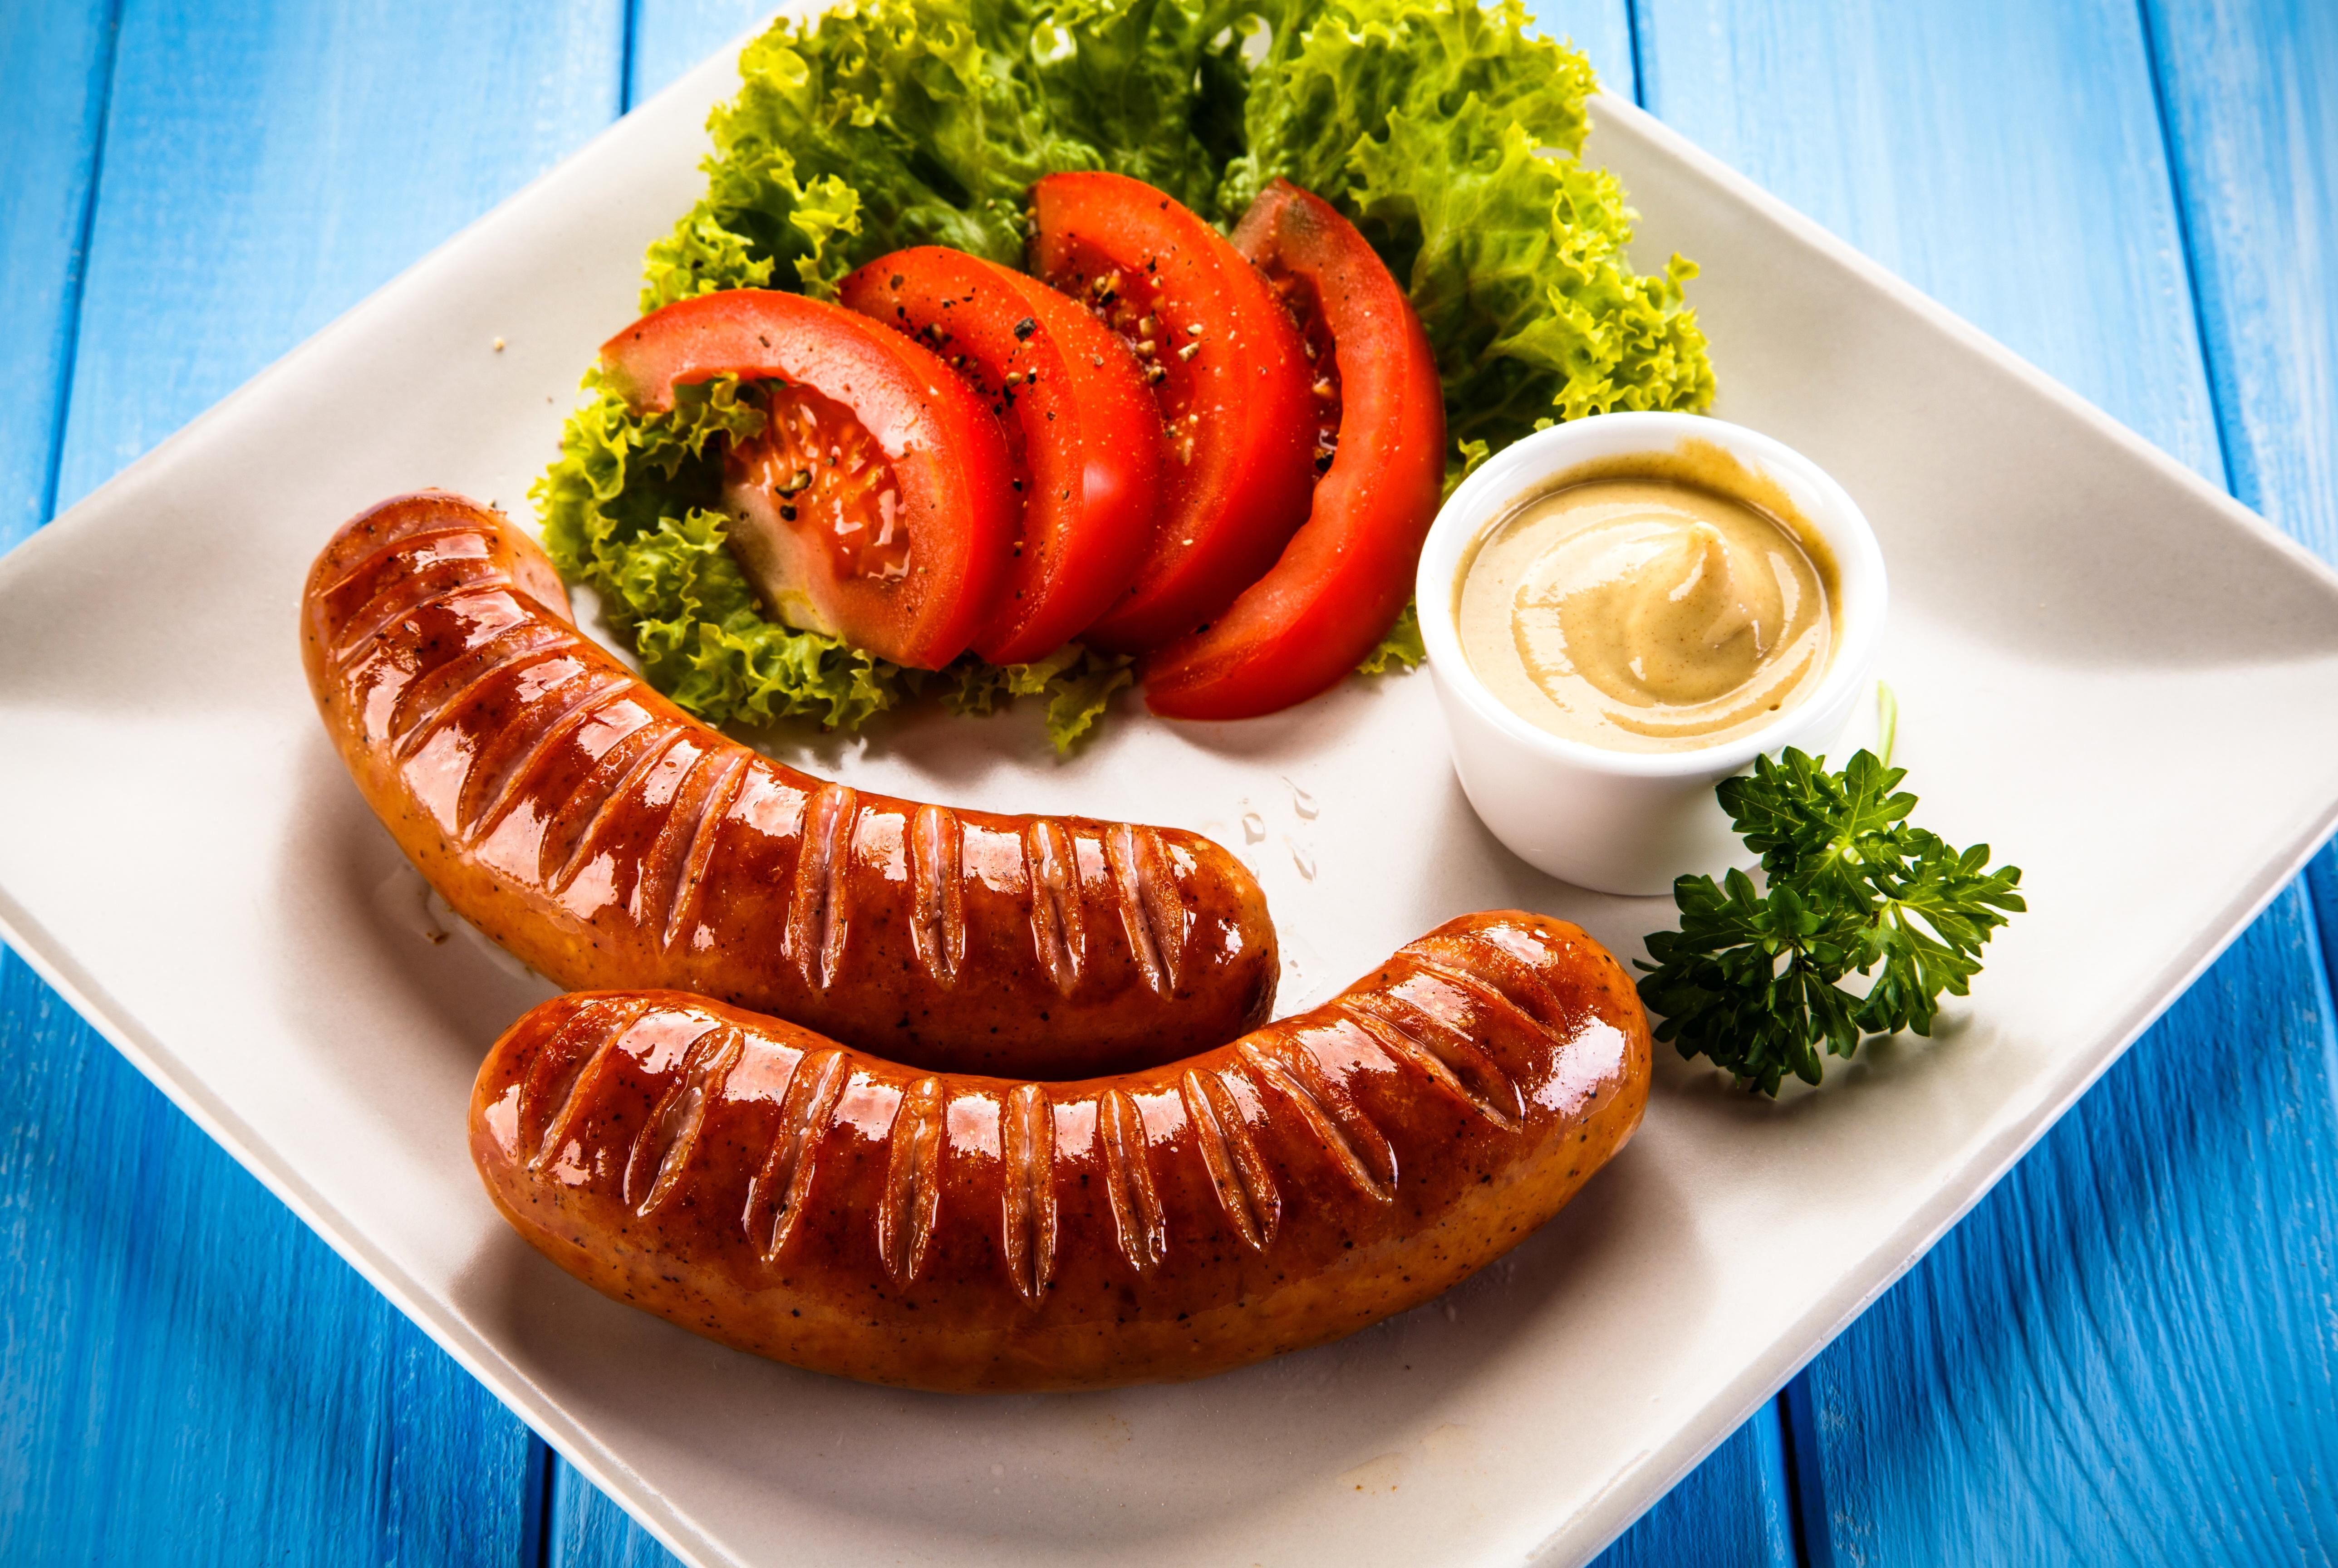 блюда из сосисок в картинках расскажем покажем, как